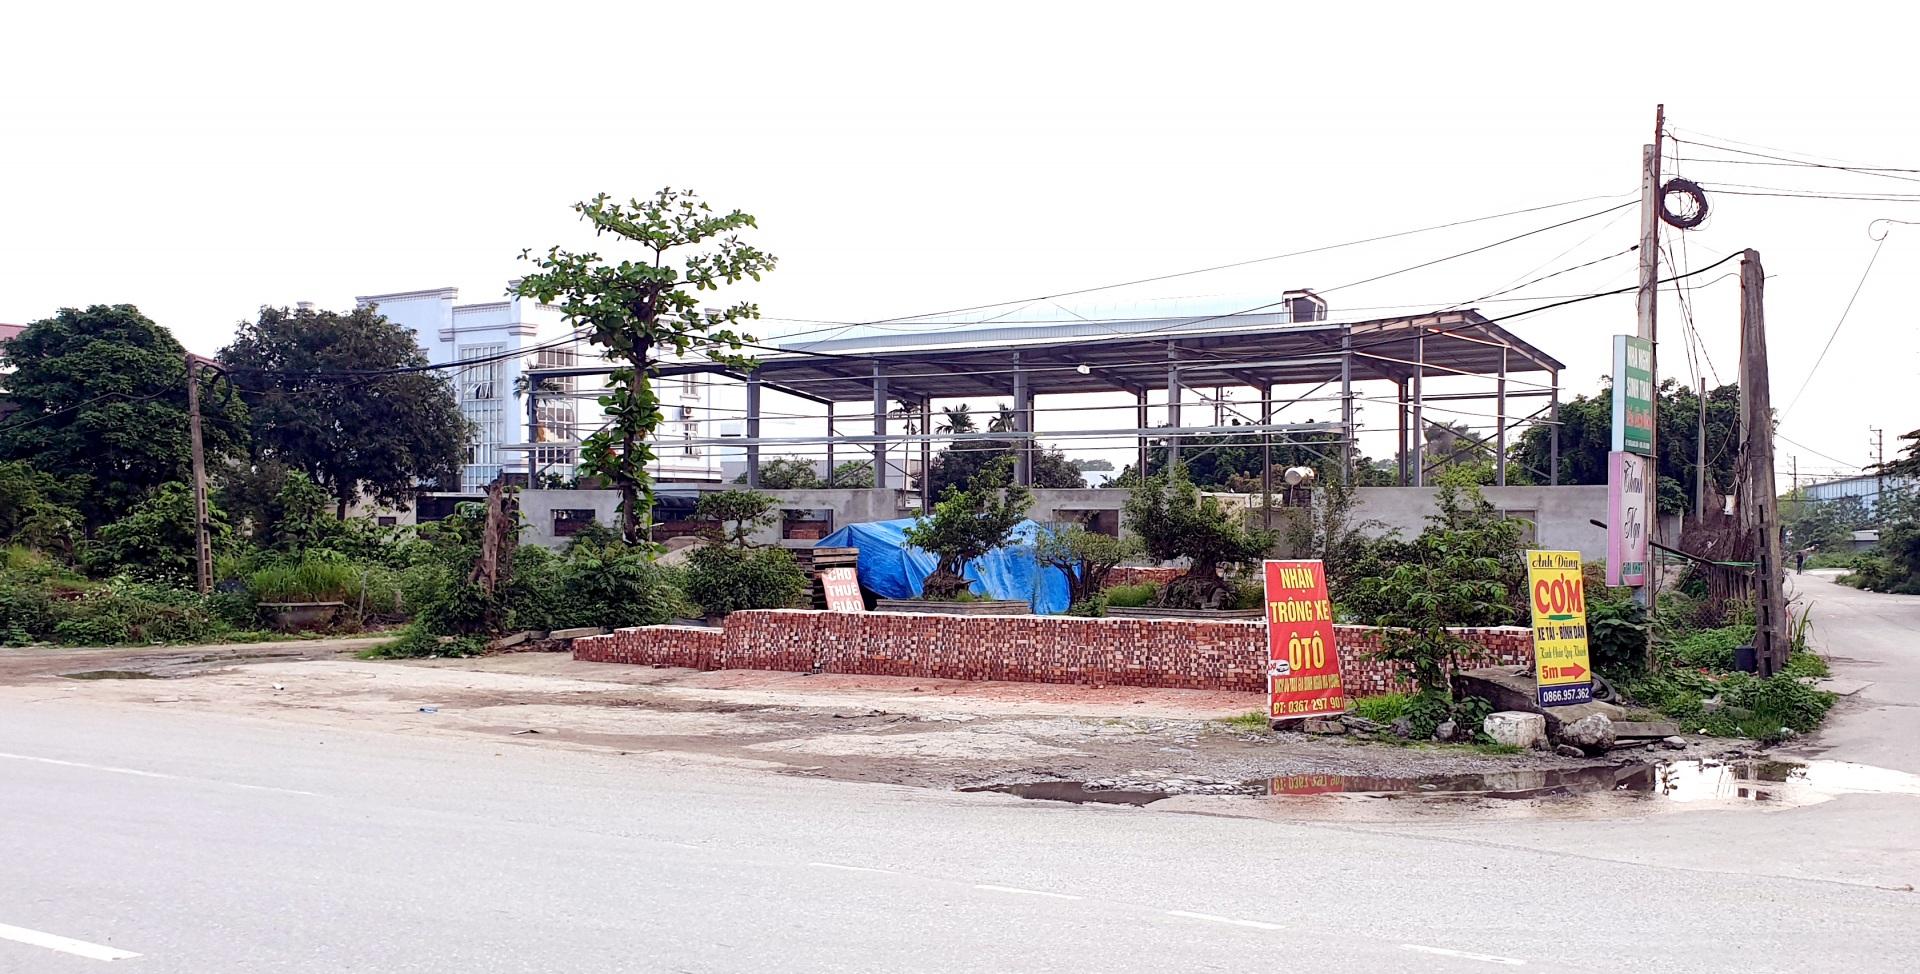 Văn Lâm - Hưng Yên: Cần làm rõ những bất cập trong việc giao khoán đất tại xã Trưng Trắc